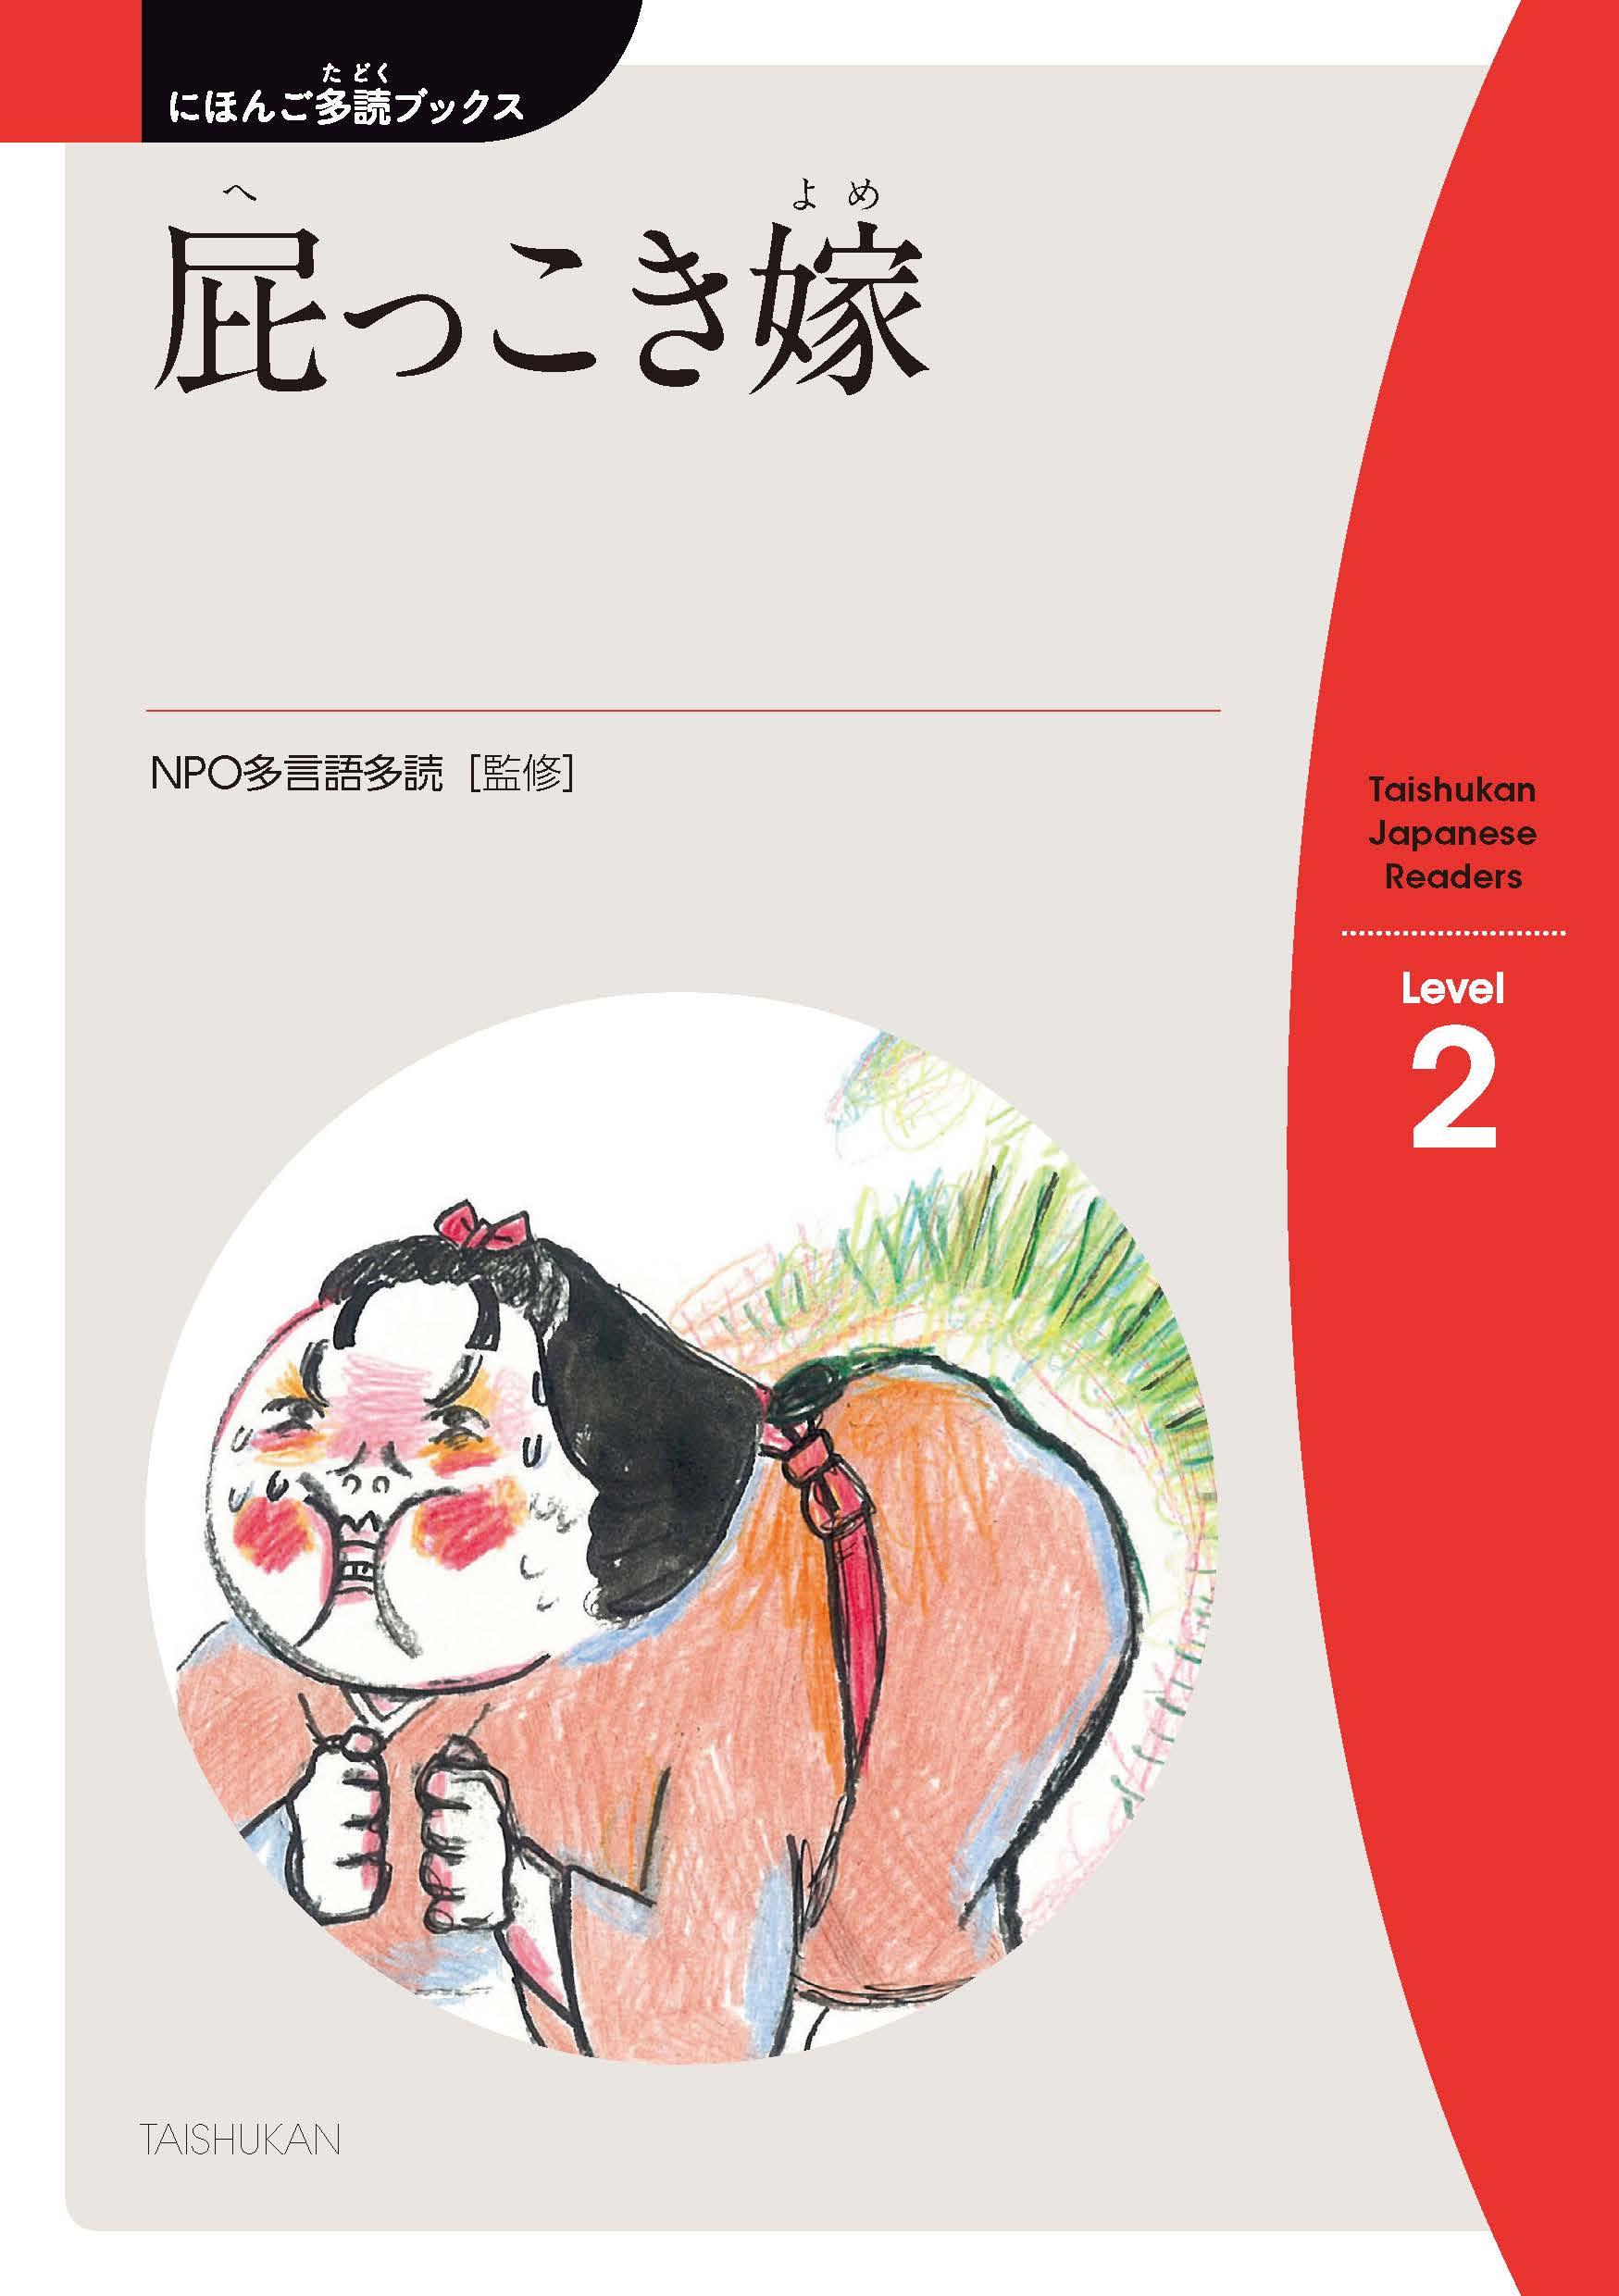 vol.2-7 屁(へ)っこき嫁(よめ)  The Farting Bride